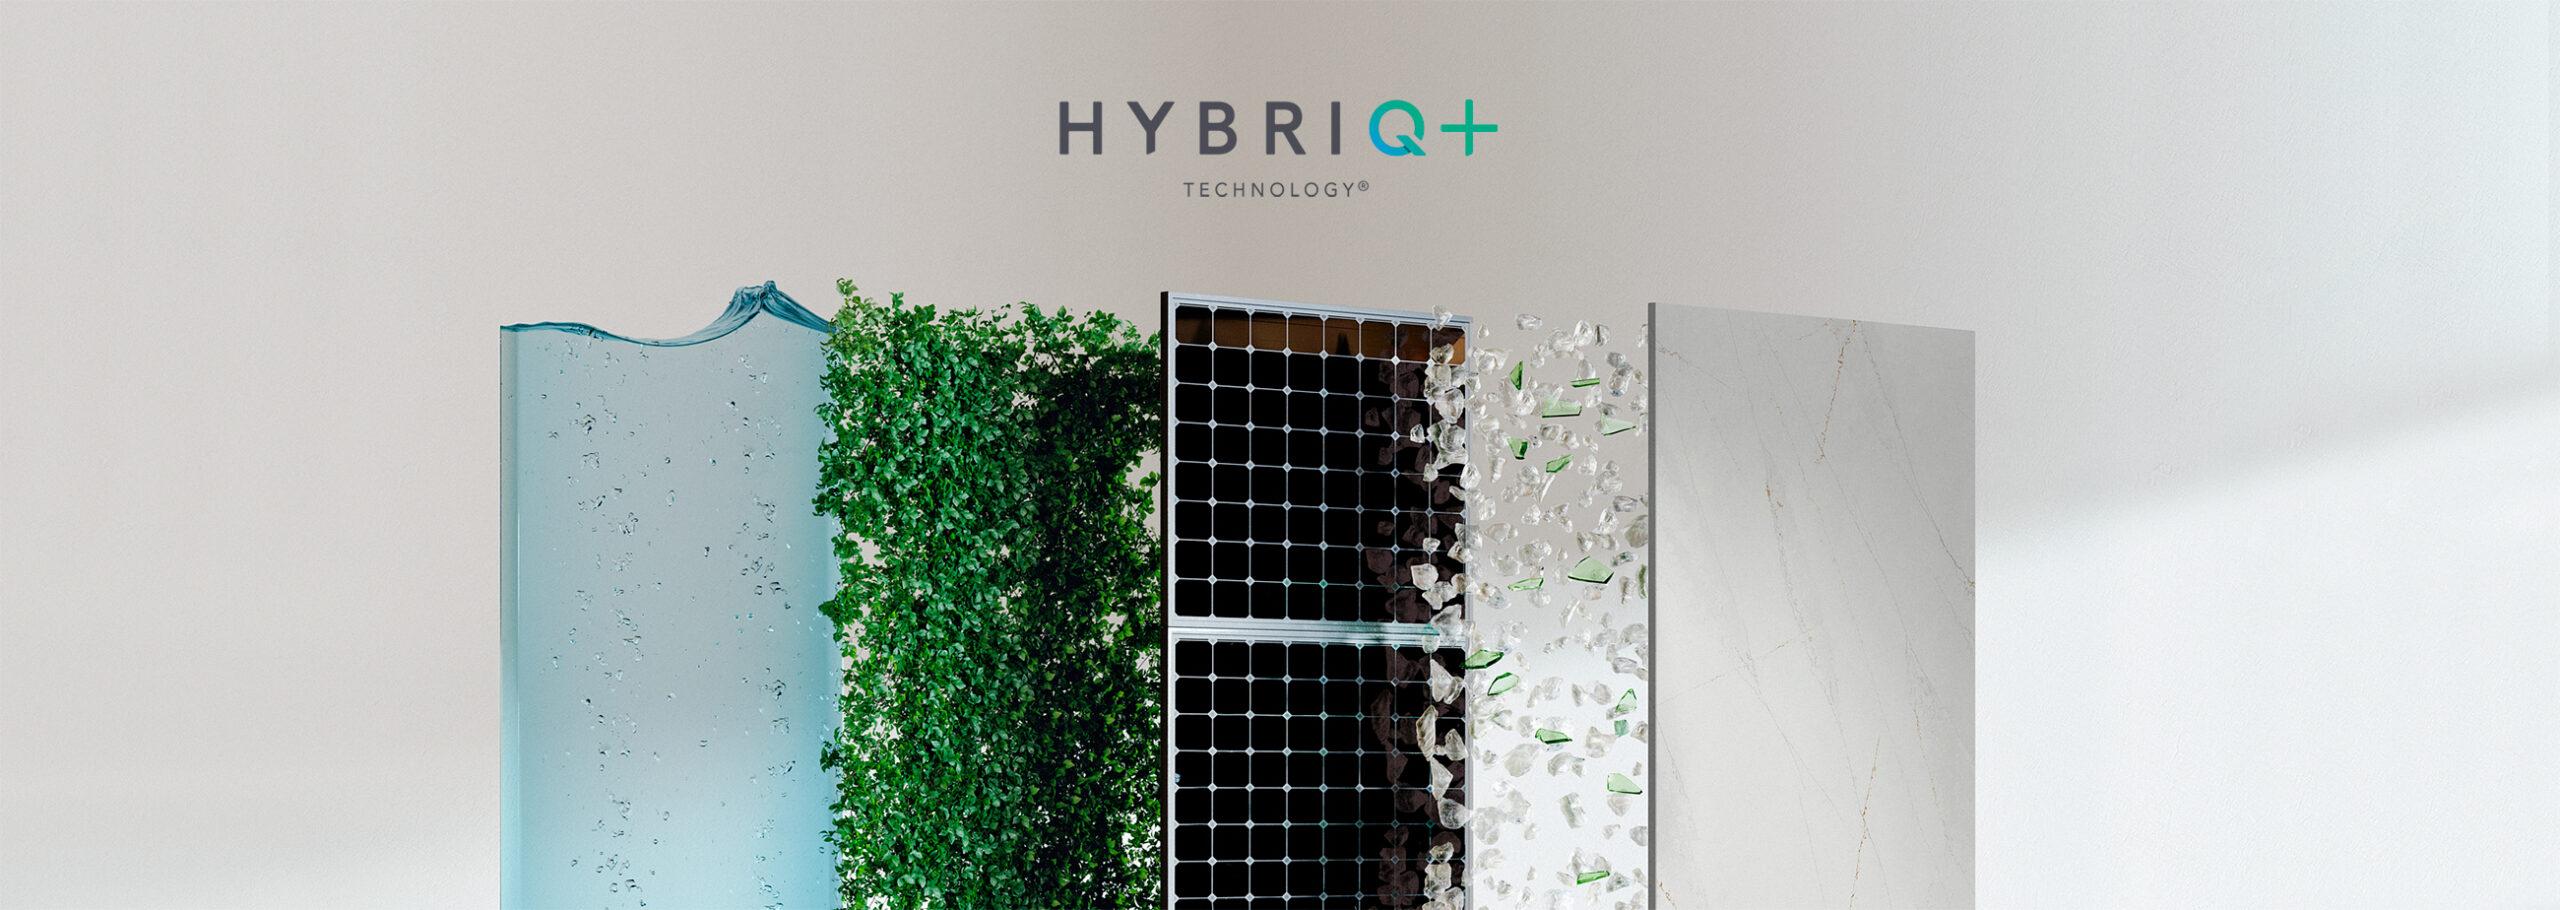 Image of Concepto Tablas Hybriq scaled in ¿Qué es Silestone? - Cosentino